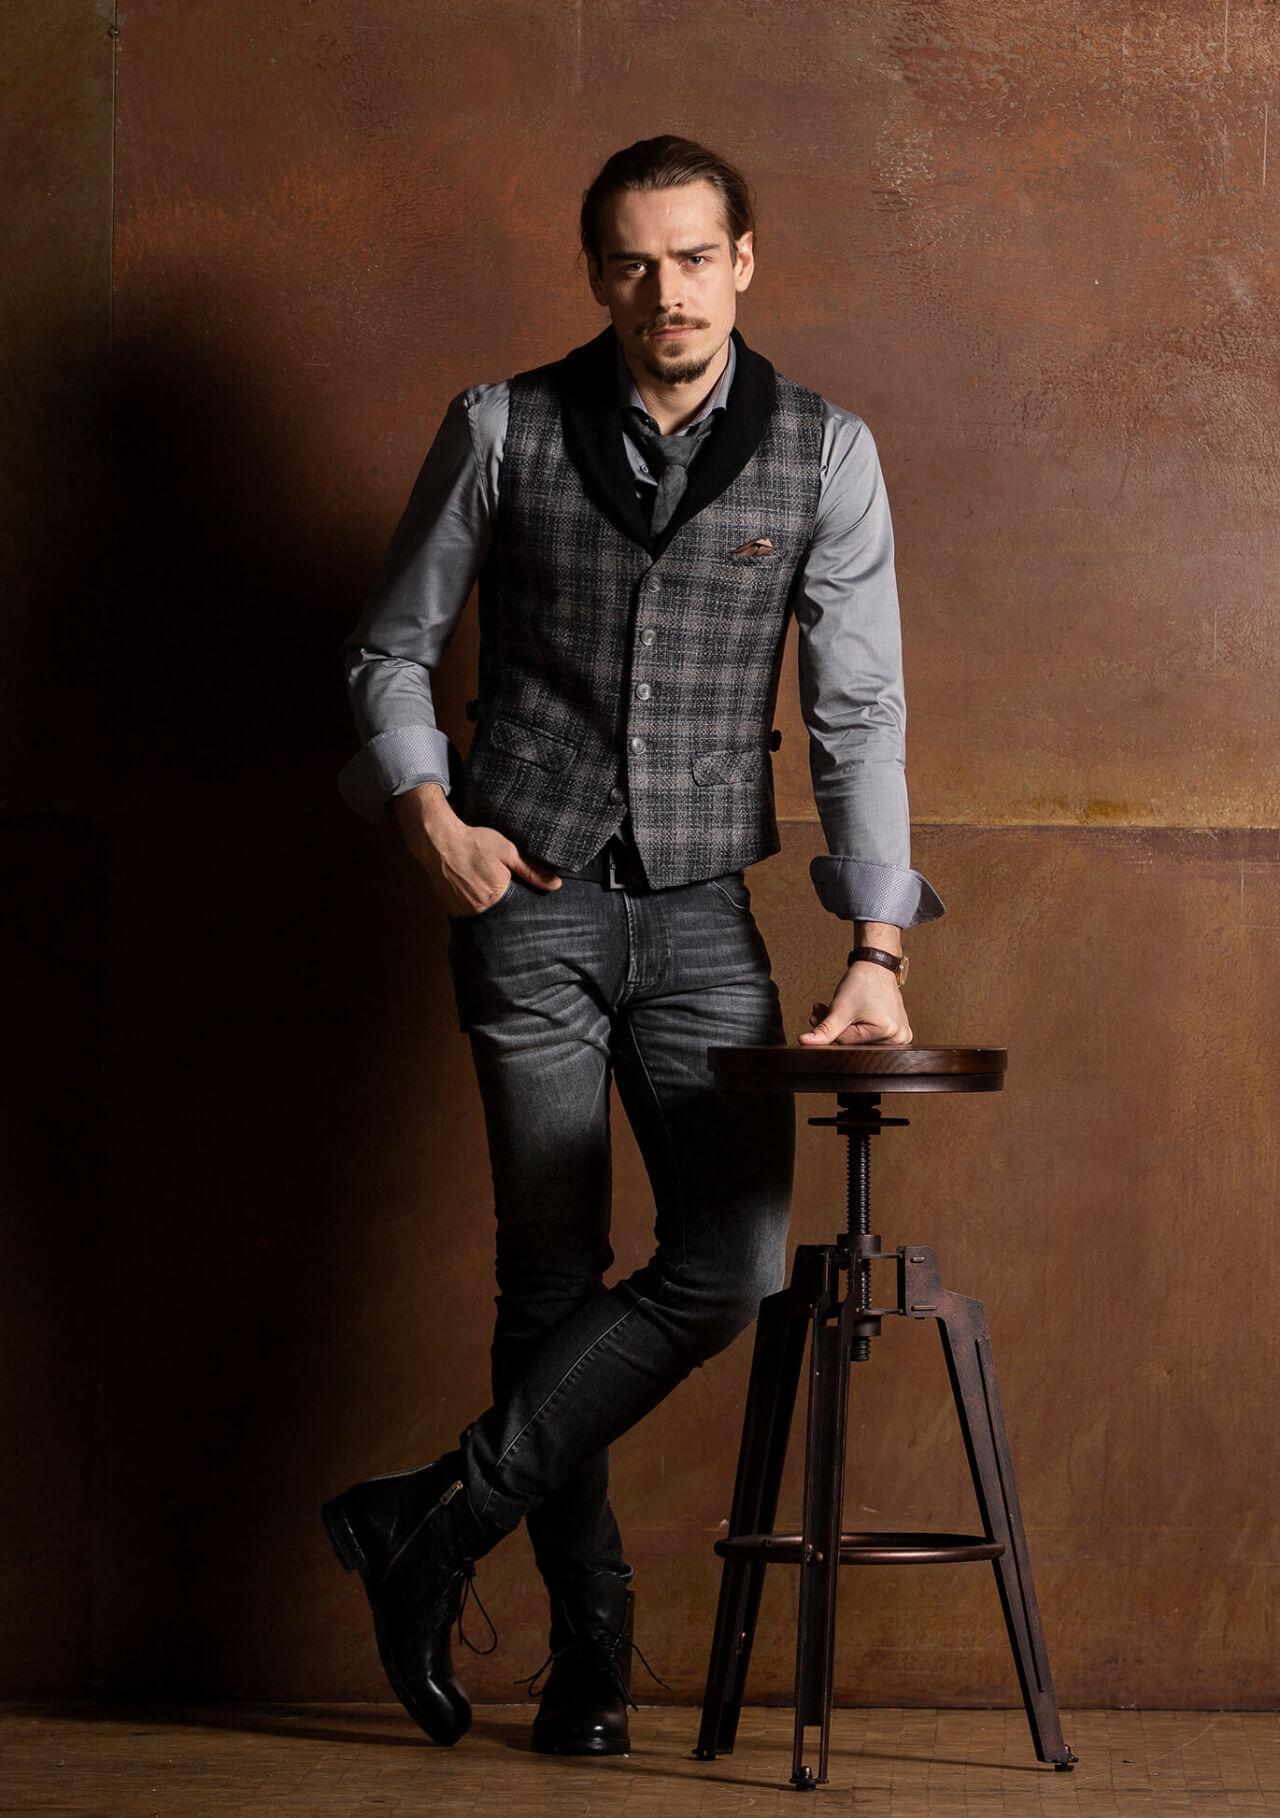 Schicke, lässige und edle Premium Einreiher Herren Weste / Gilet Schwarz Grau kariert aus feinstem italienischen Stoff mit abnehmbaren Schalkragen aus Wolle.